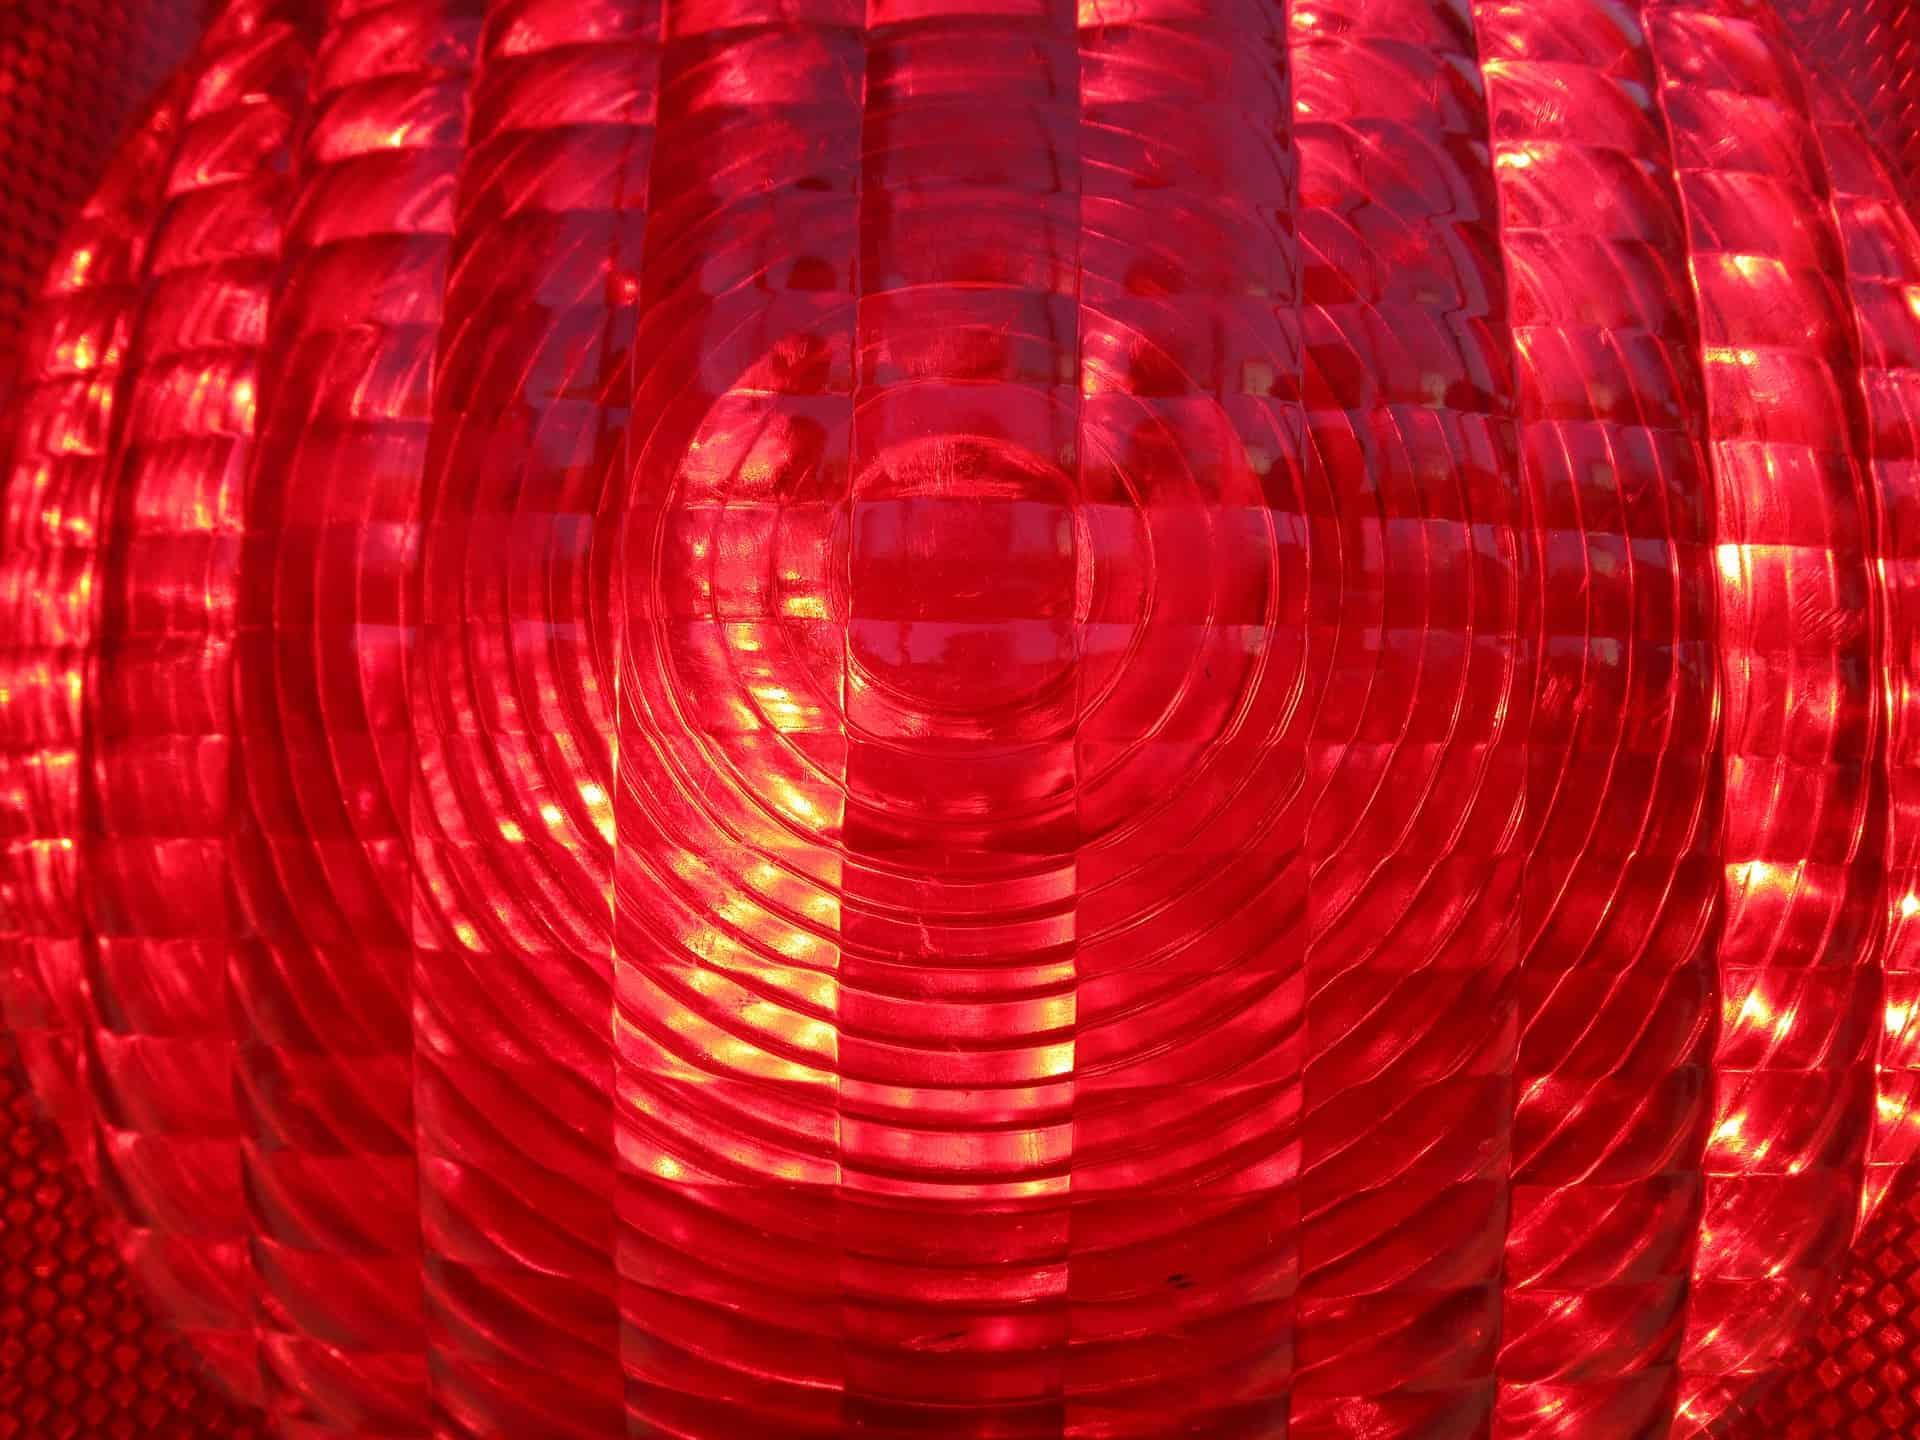 LED Warnlicht Rot Warnblinkleuchte 3er LED Leuchten Batteriebetrieben Warnblitzer Notfall Warnsignal Licht f/ür Auto und Fahrrad